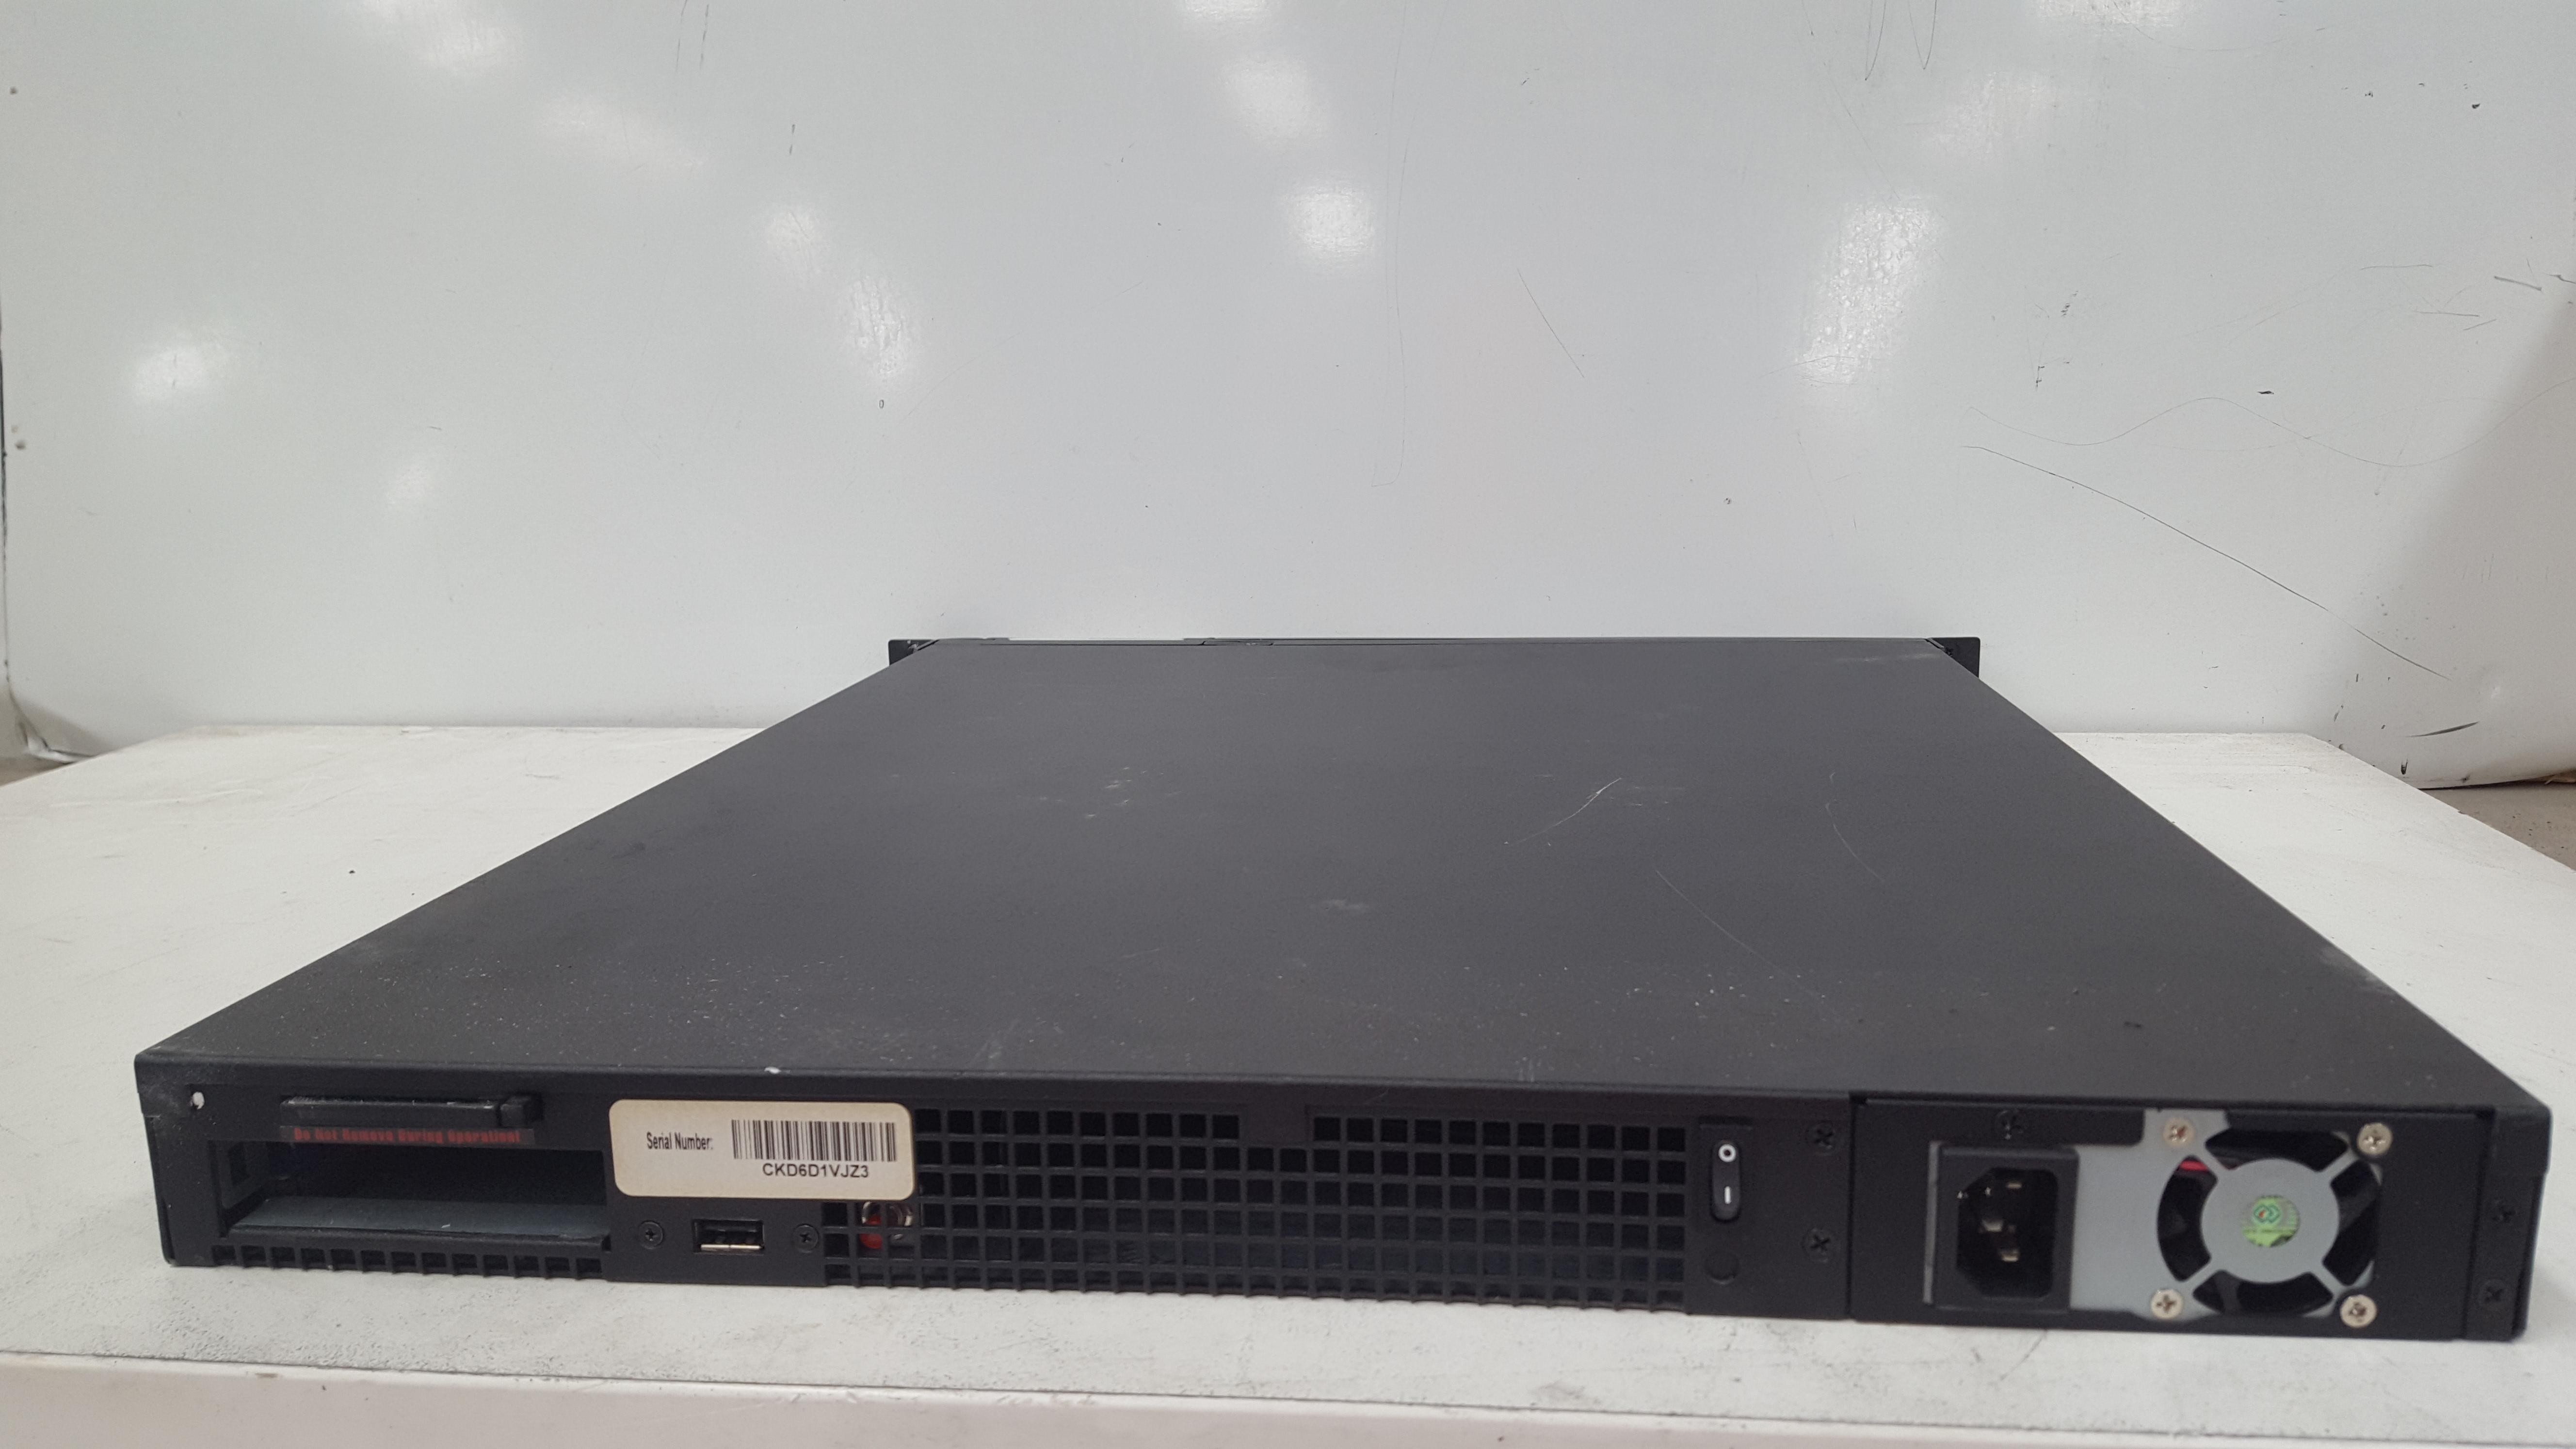 Citrix NetScaler MPX 5500